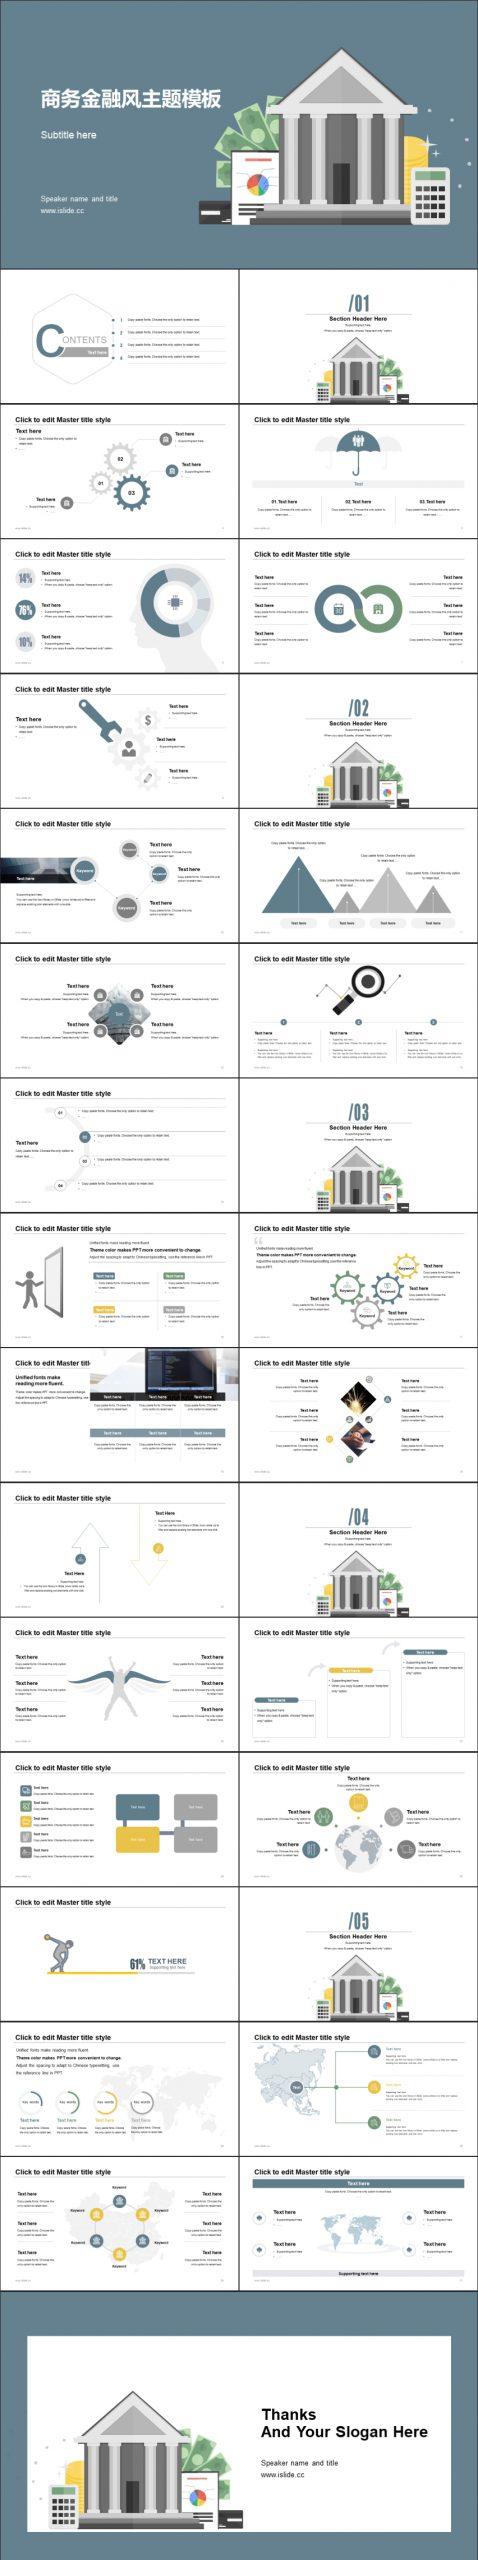 浅灰色金融行业分析PPT模板下载_预览图2